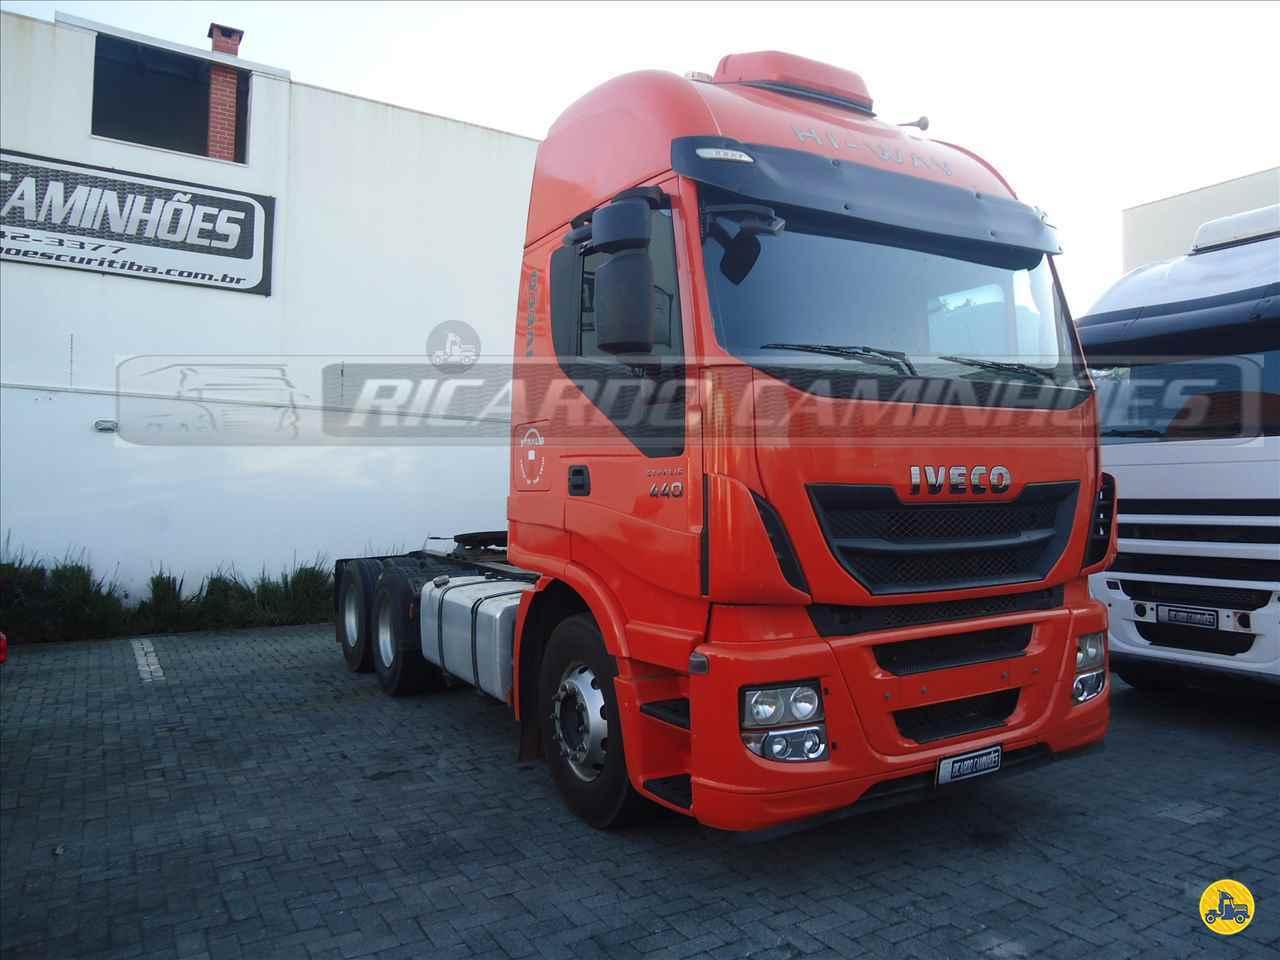 CAMINHAO IVECO STRALIS 440 Cavalo Mecânico Truck 6x2 Ricardo Caminhões Curitiba CURITIBA PARANÁ PR